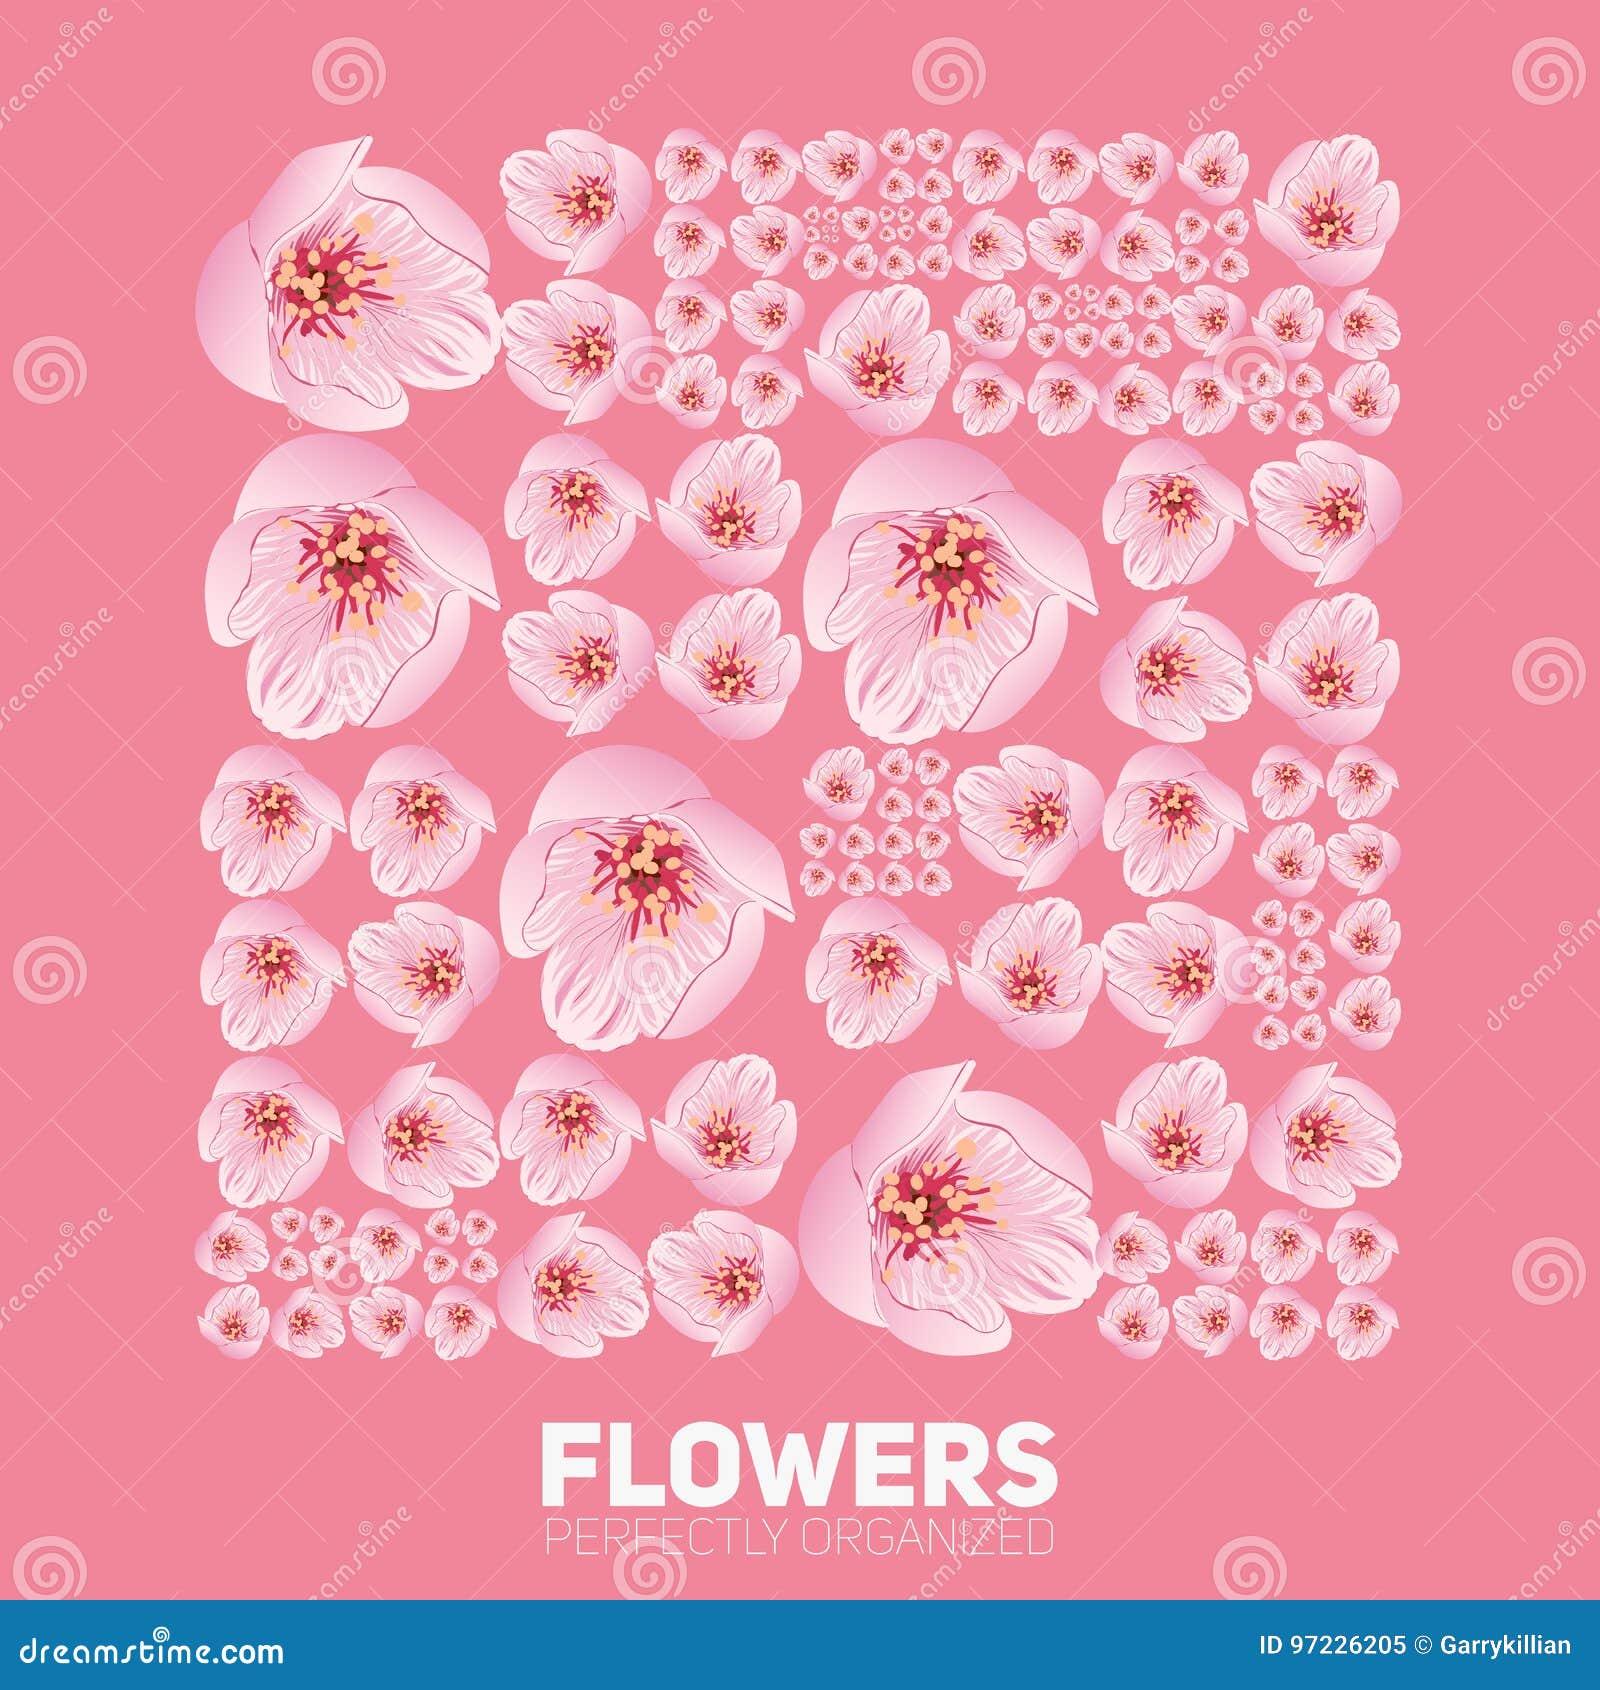 Blommor för körsbärsröd blomning som perfekt organiseras Vektorsakura blommor som trevligt organiseras av rastret Begreppsmässigt